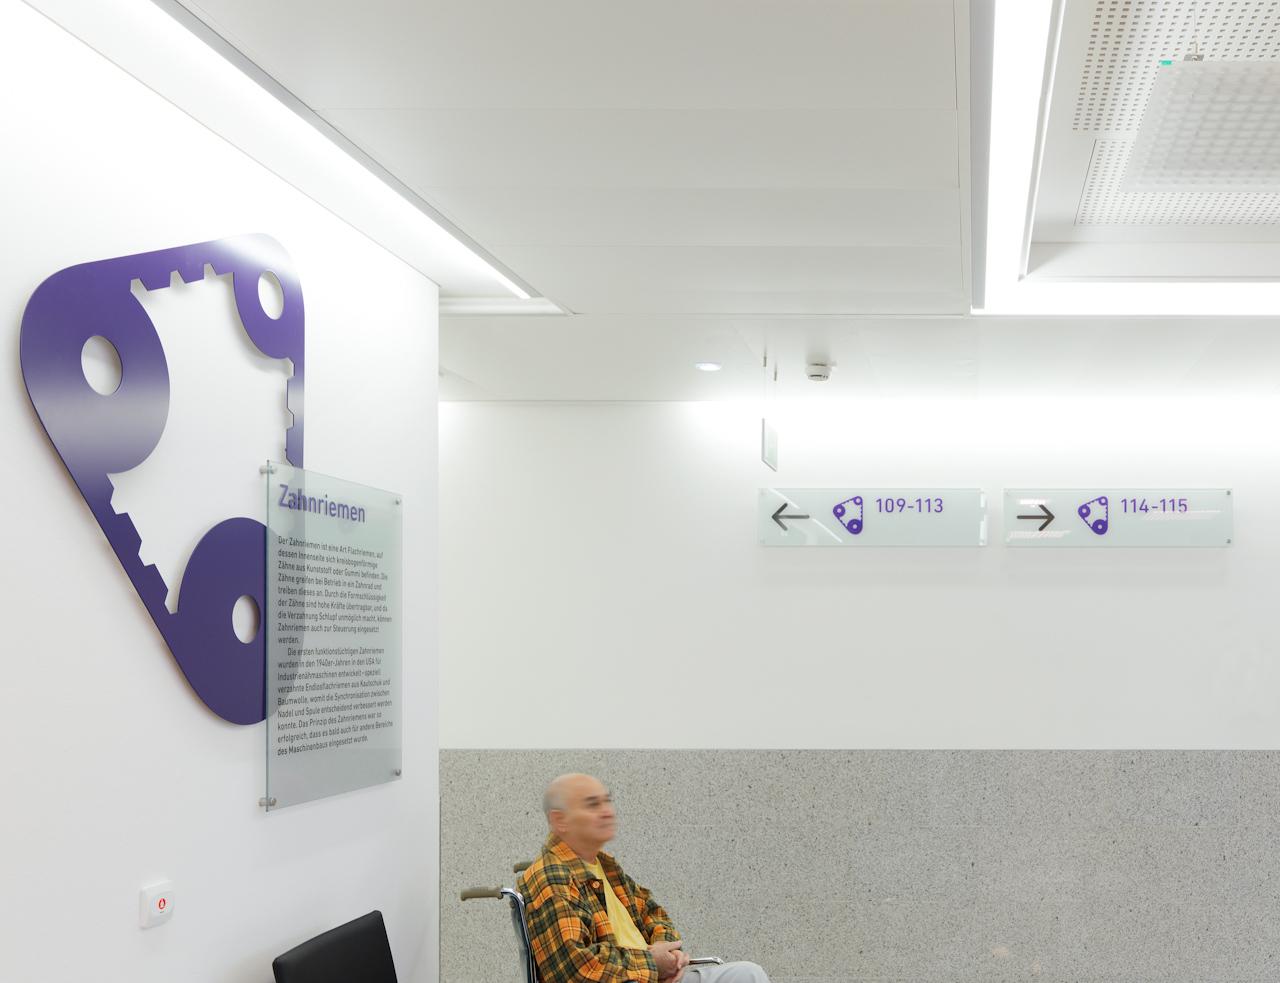 格拉茨牙科诊所标识设计©Bohatsch Und Partner